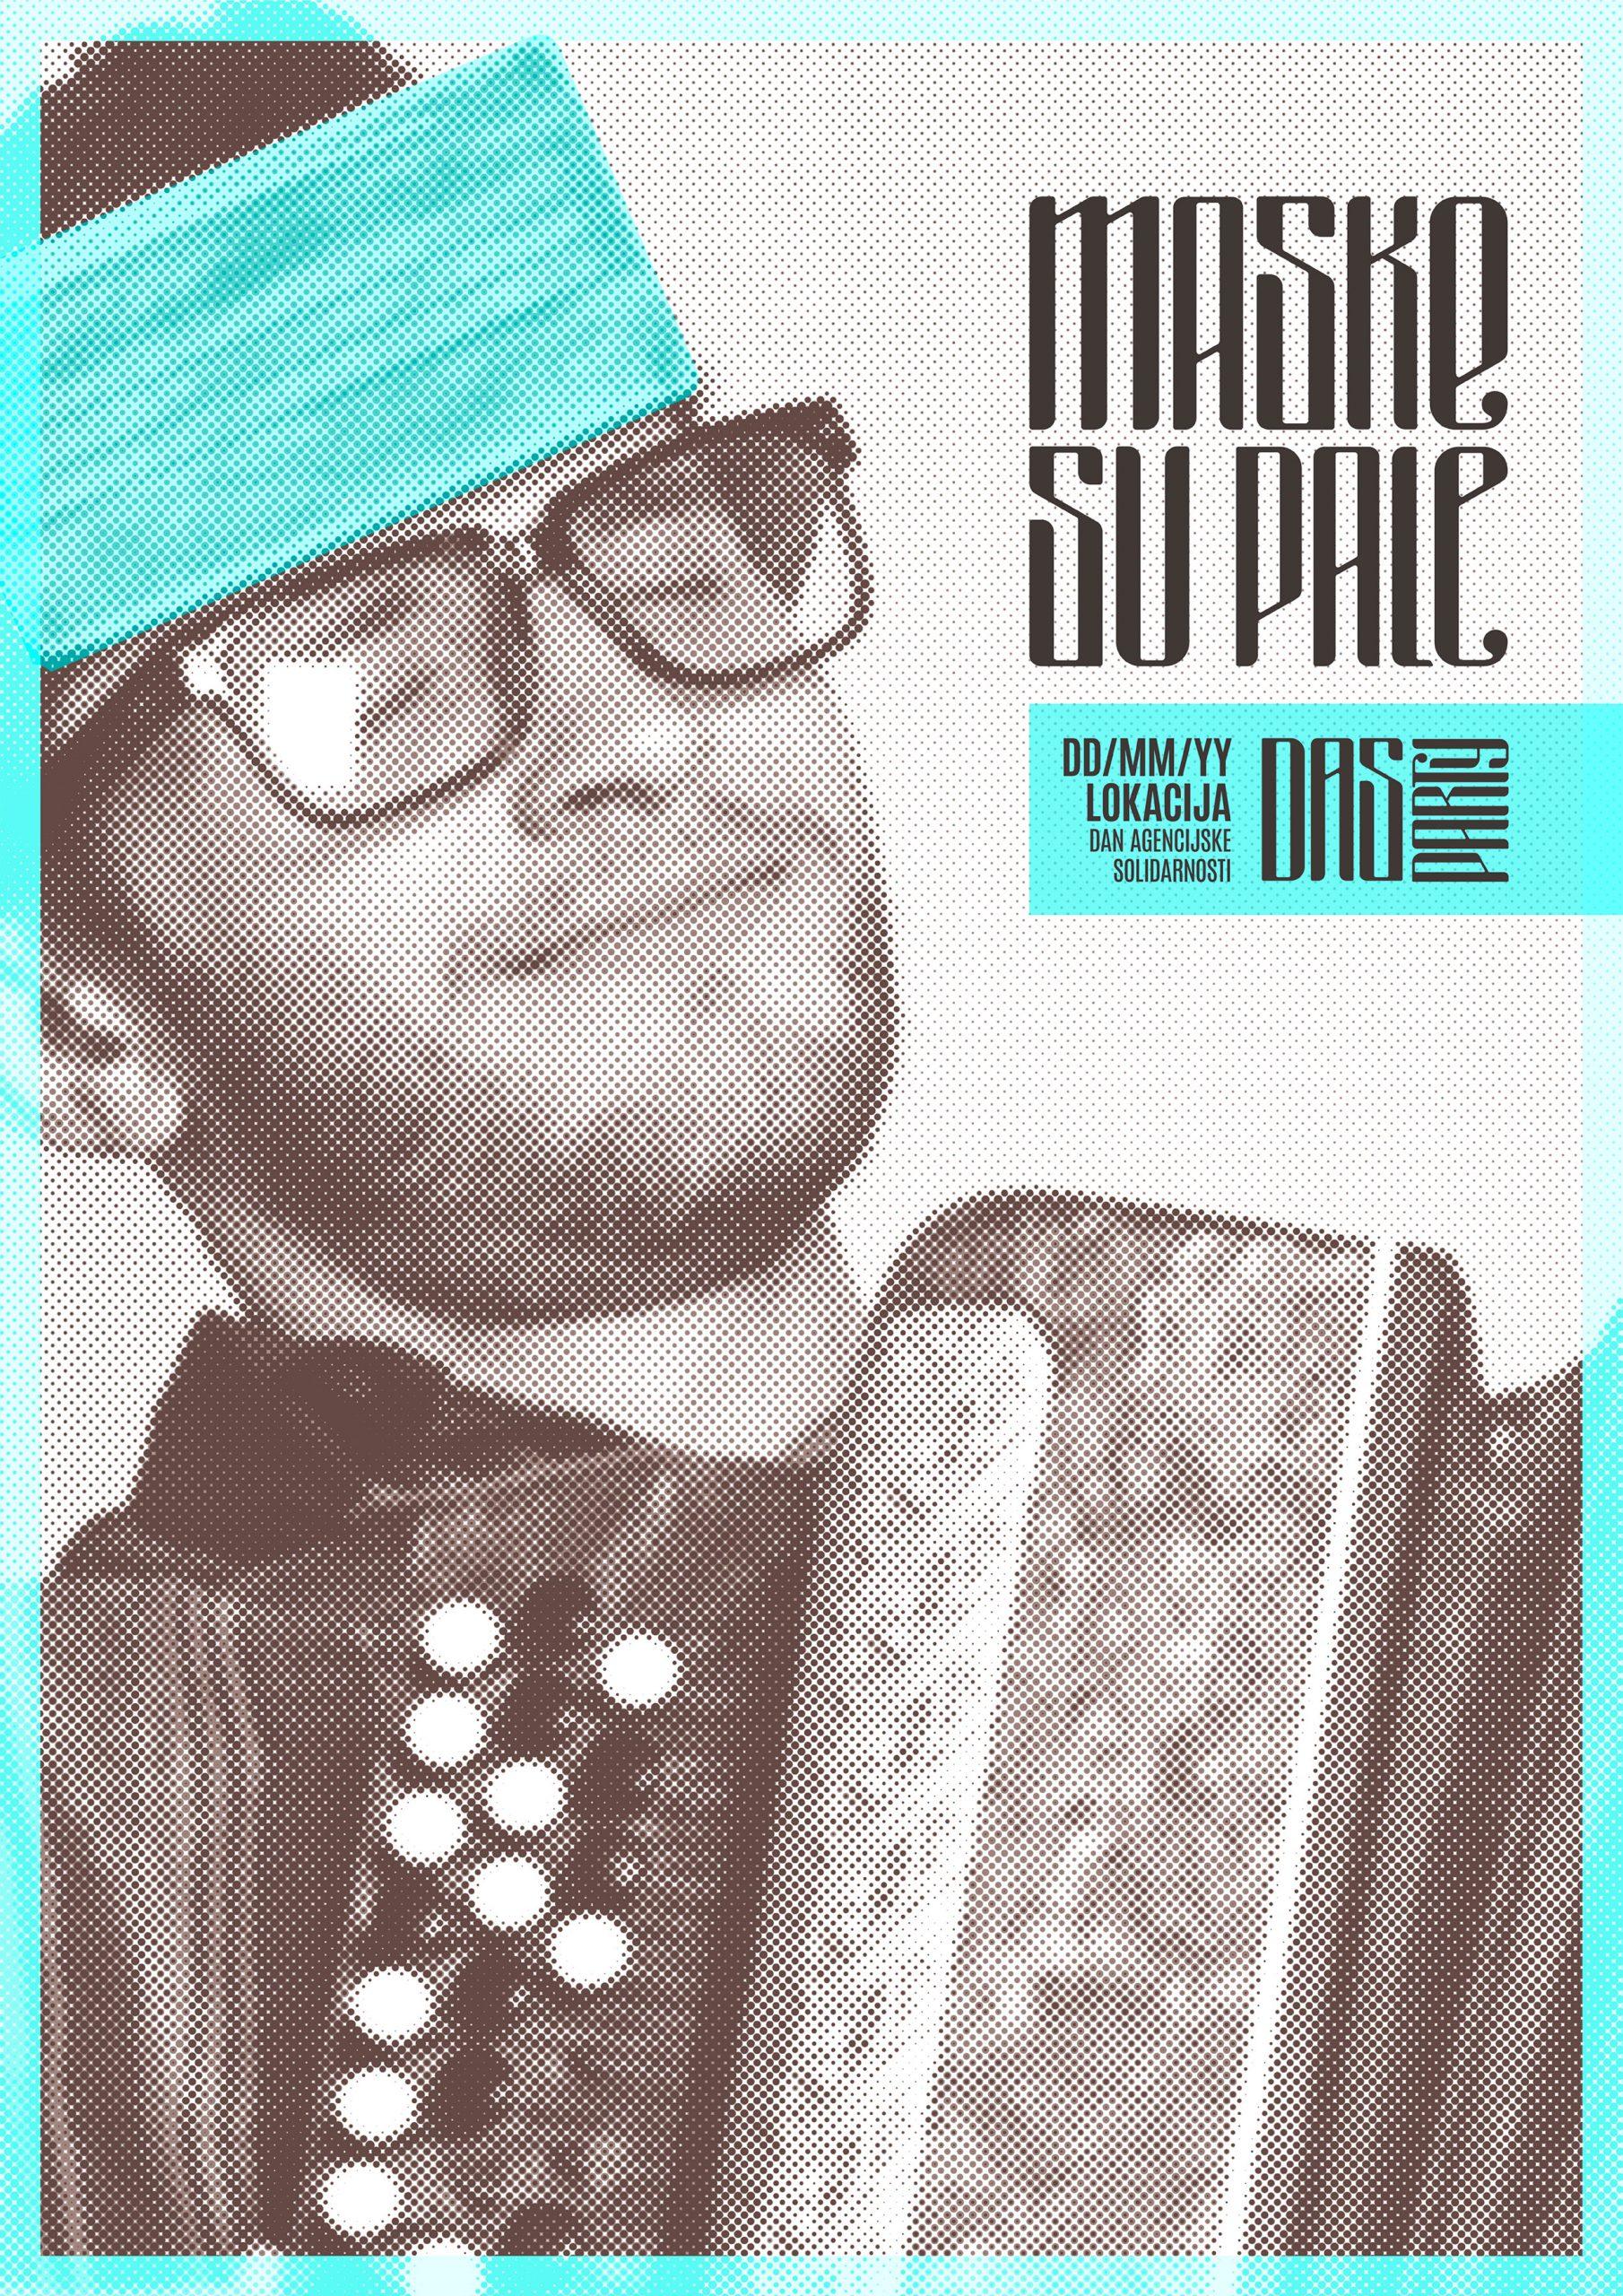 HARMONIKA Agency: Imago reklamna agencija Creative Director: Igor Mladinović Designer: Tea Šubat Copywriter: Josip Listeš